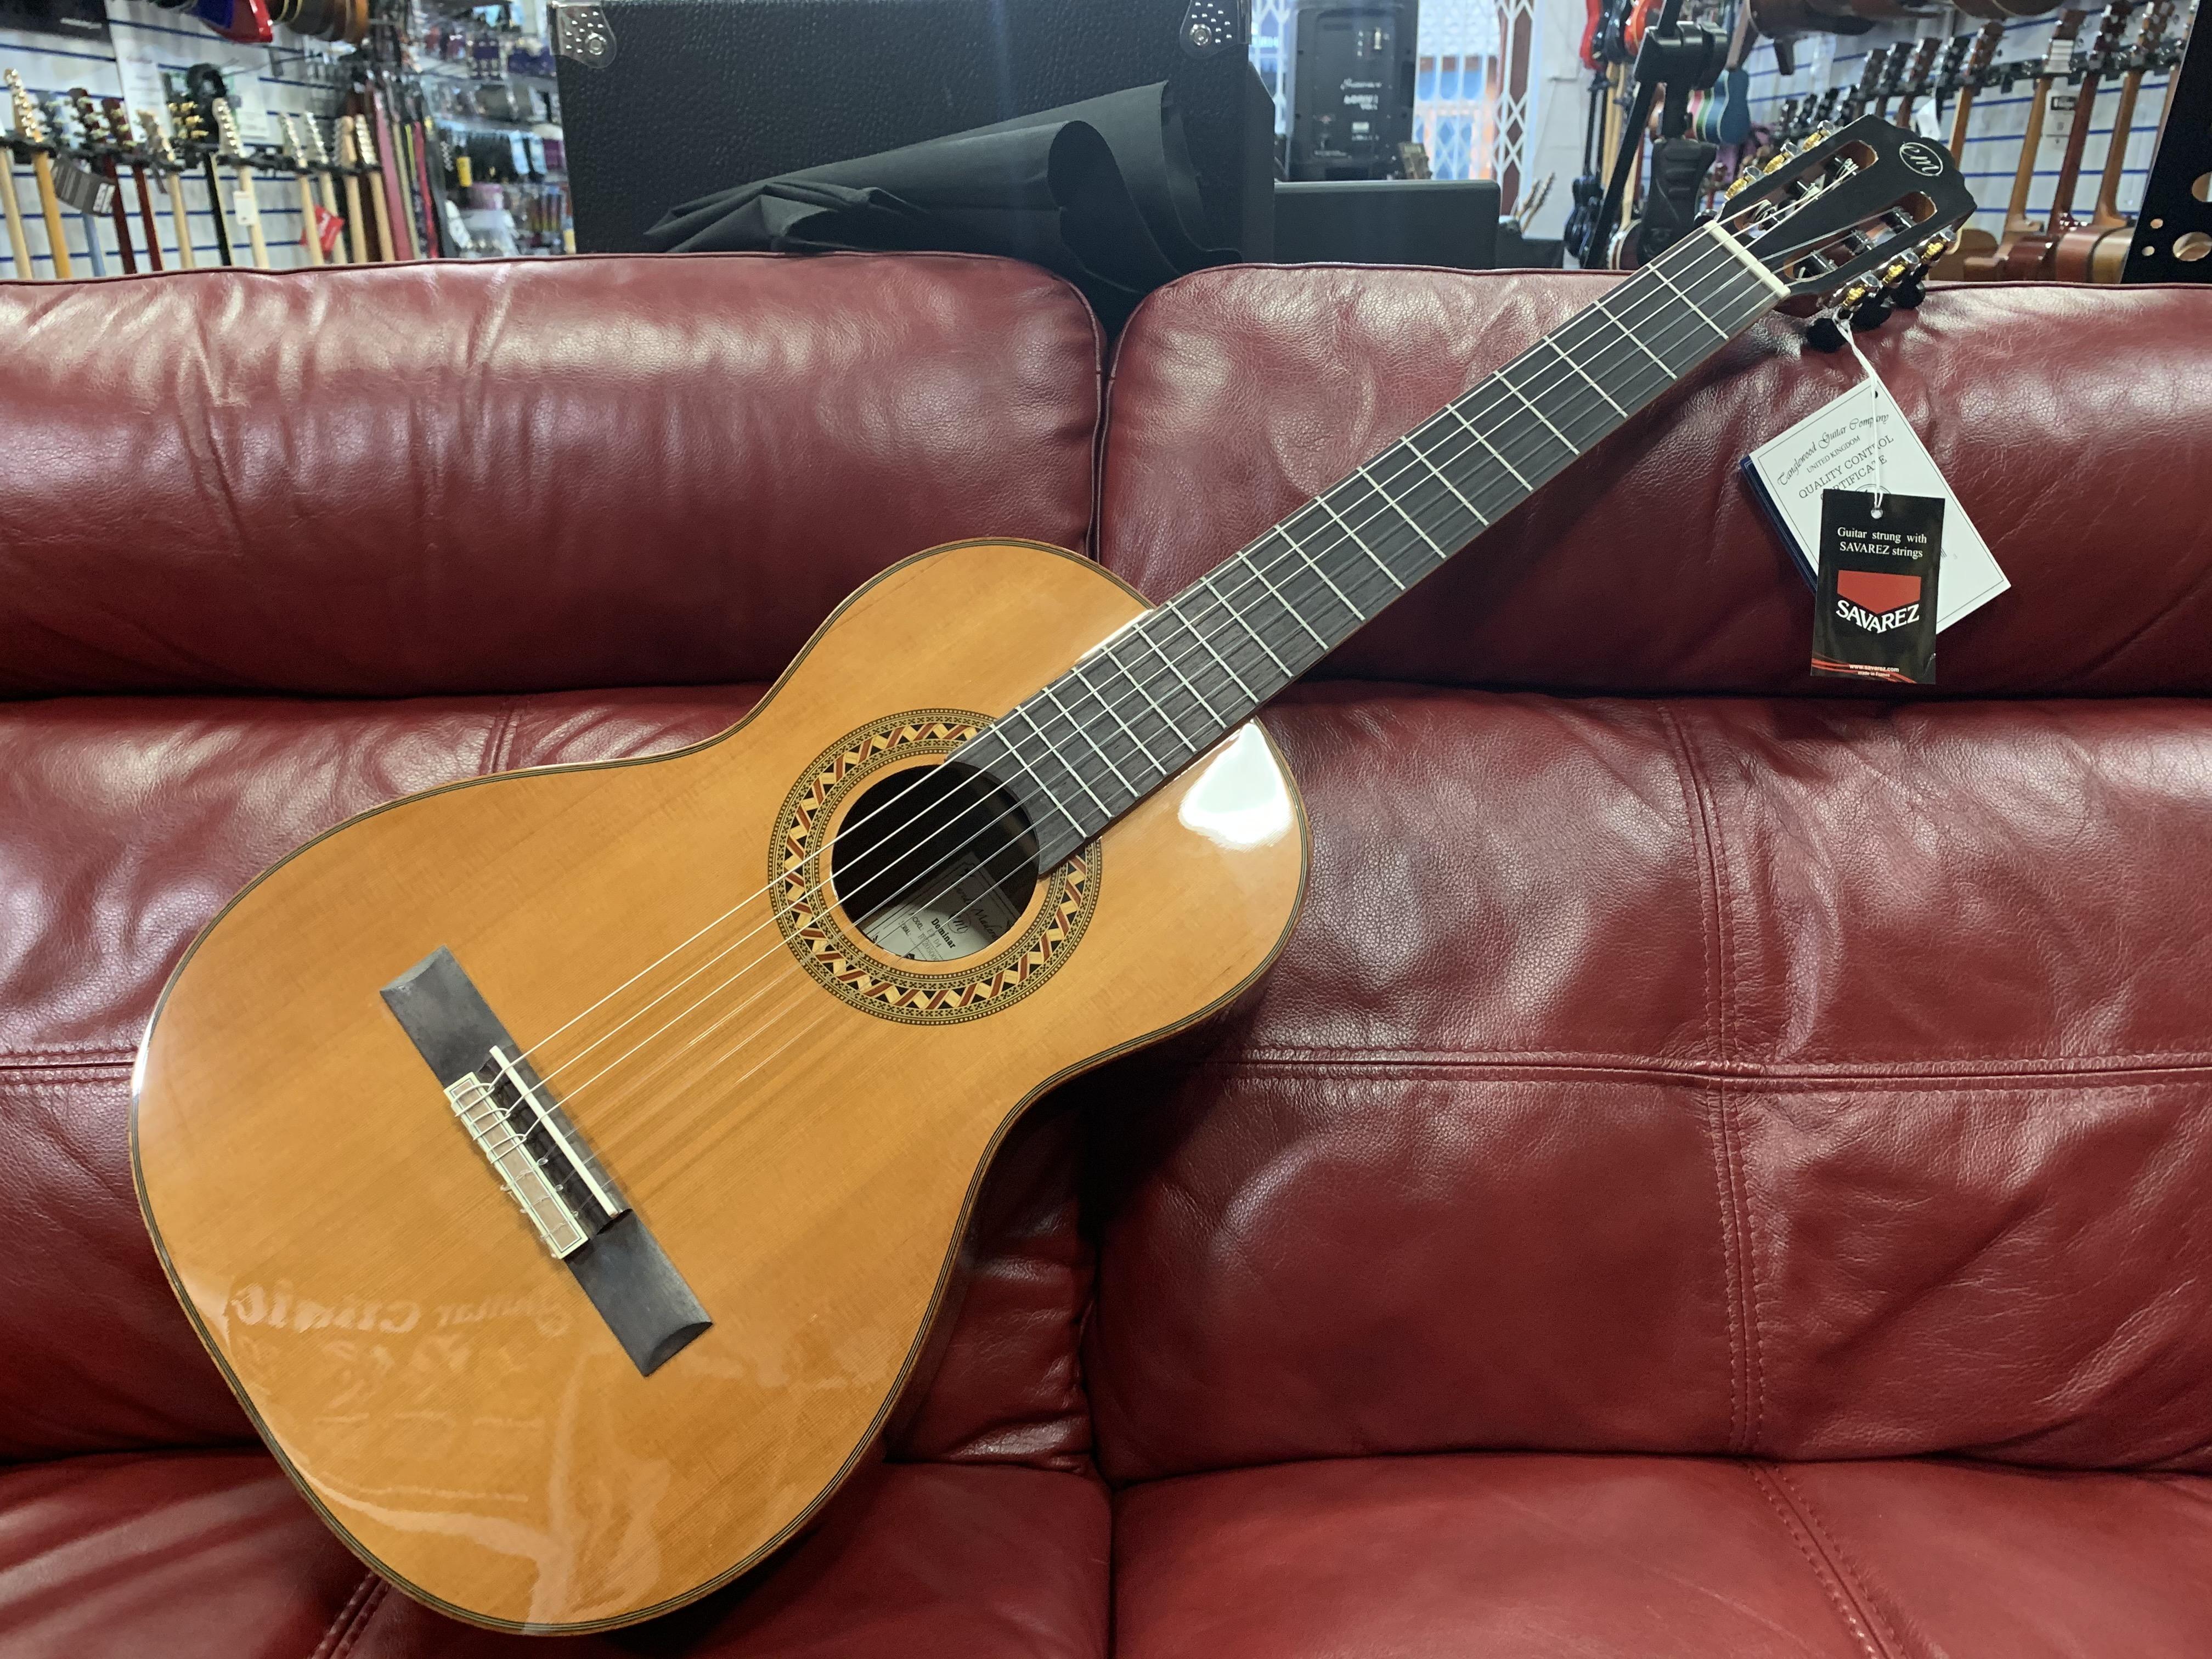 Enredo Madera EM D4 Parlour Classical Guitar